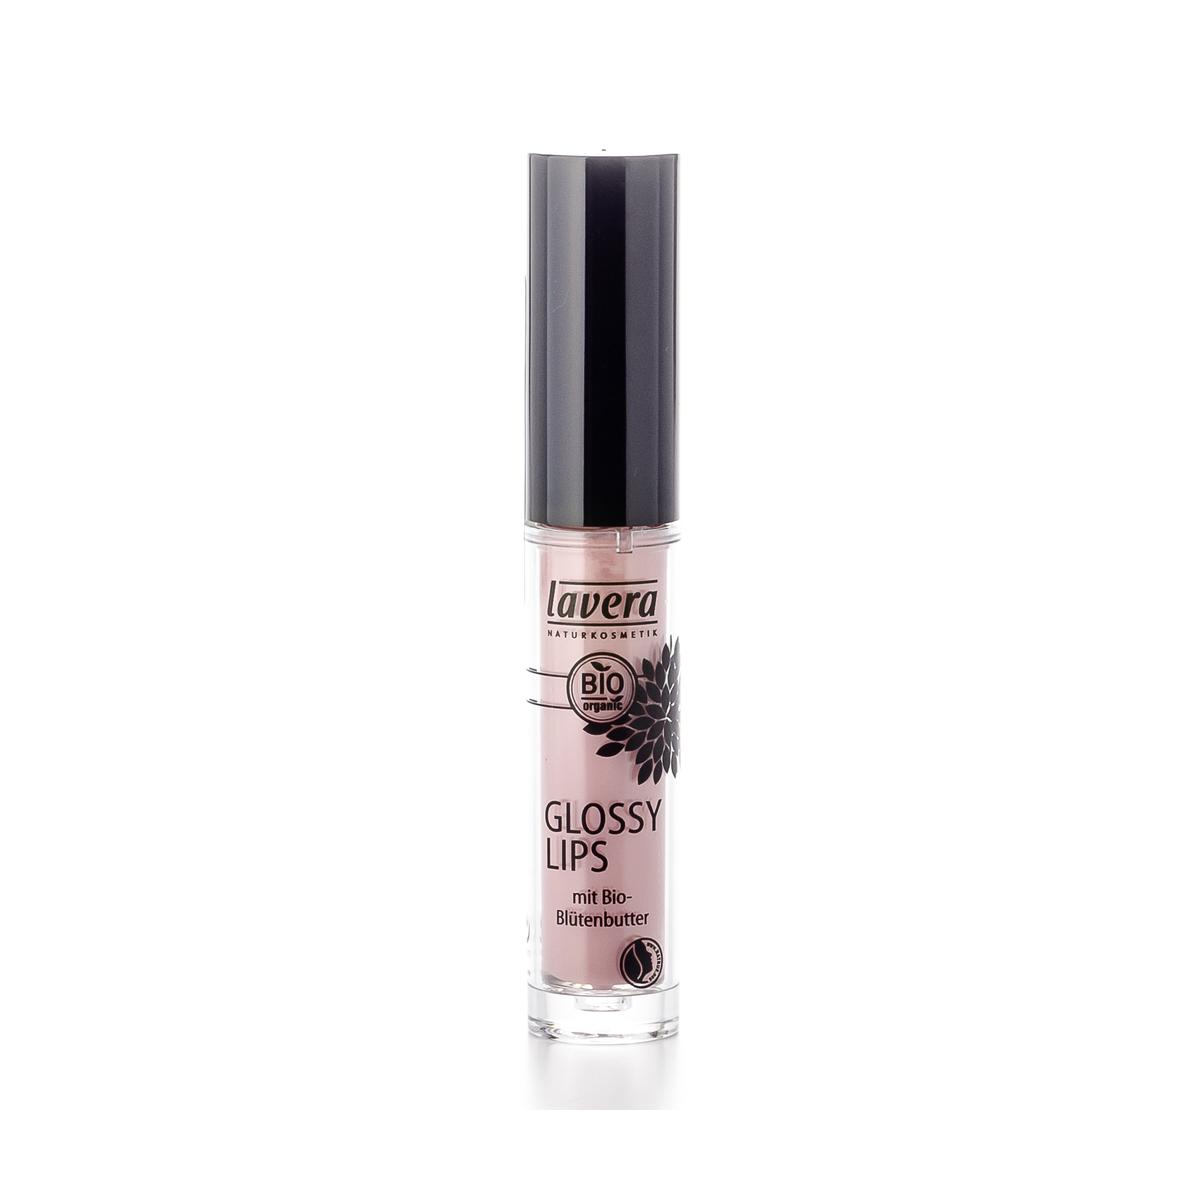 Glossy Lips -Rosy Sorbet 08 - Flasche 6.5 ml/Plastik Einweg - Lavera